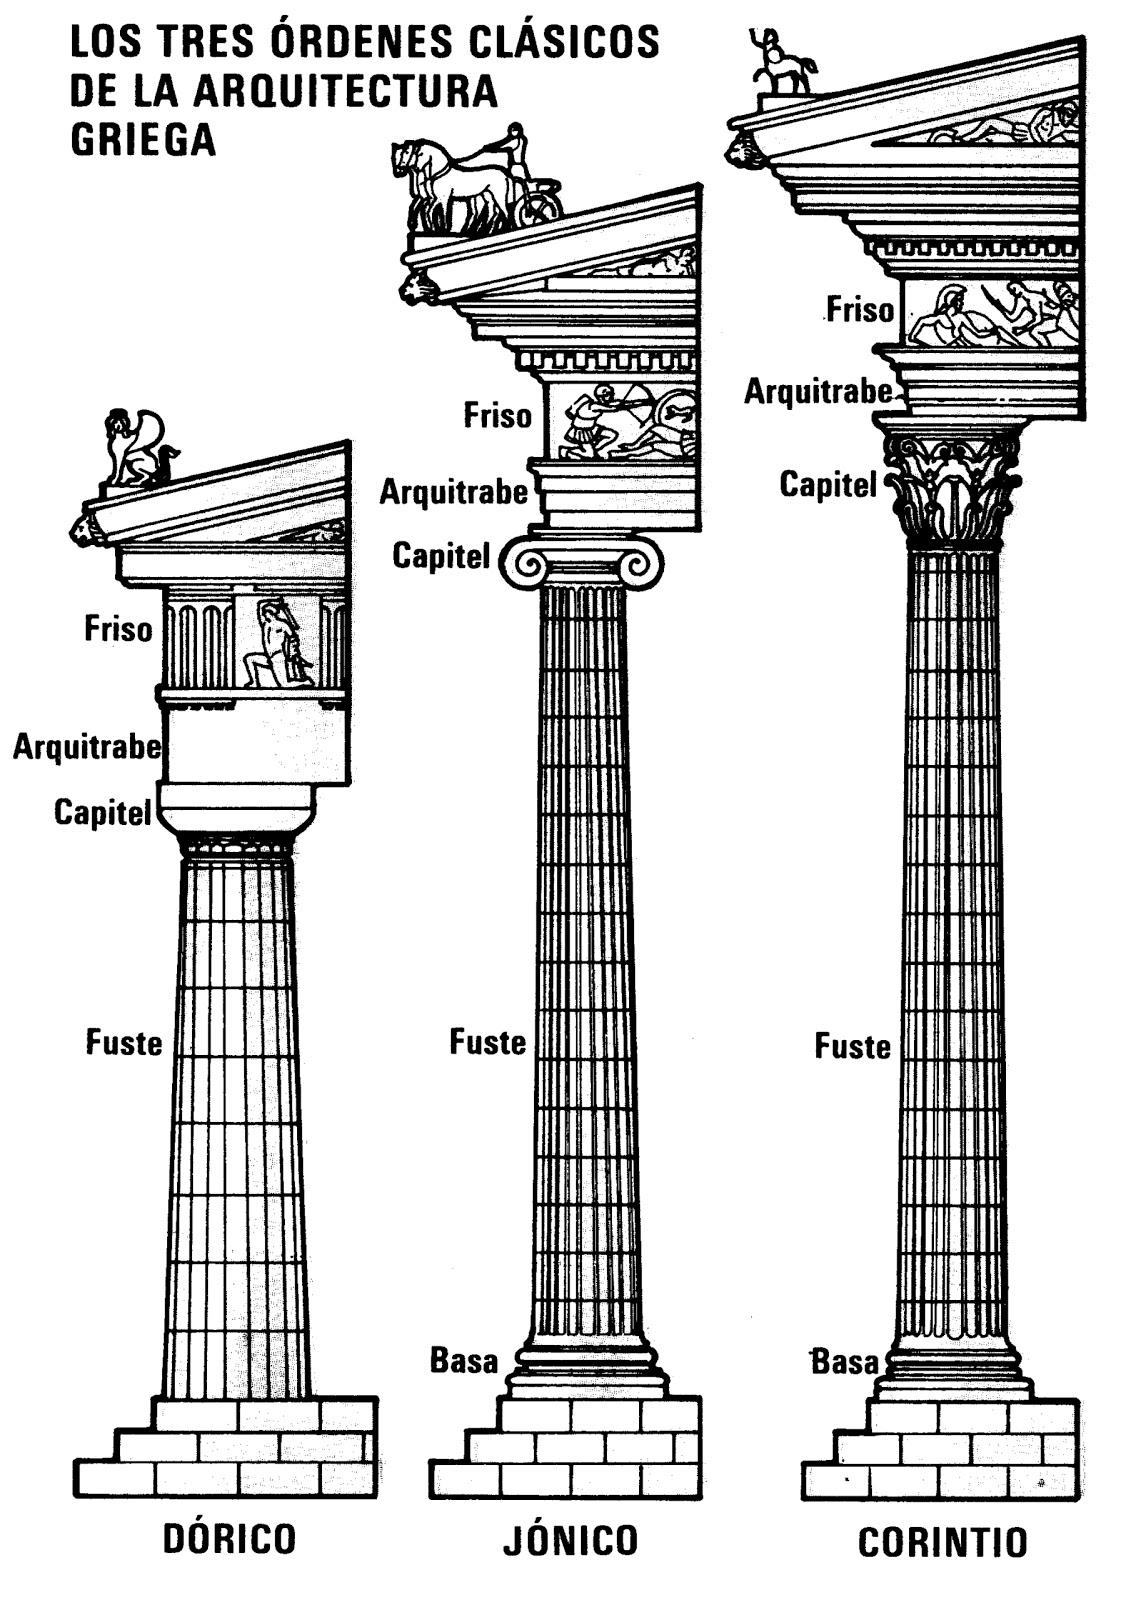 Historia del arte elementos sustentados arquitrabados for Tipos de arquitectura